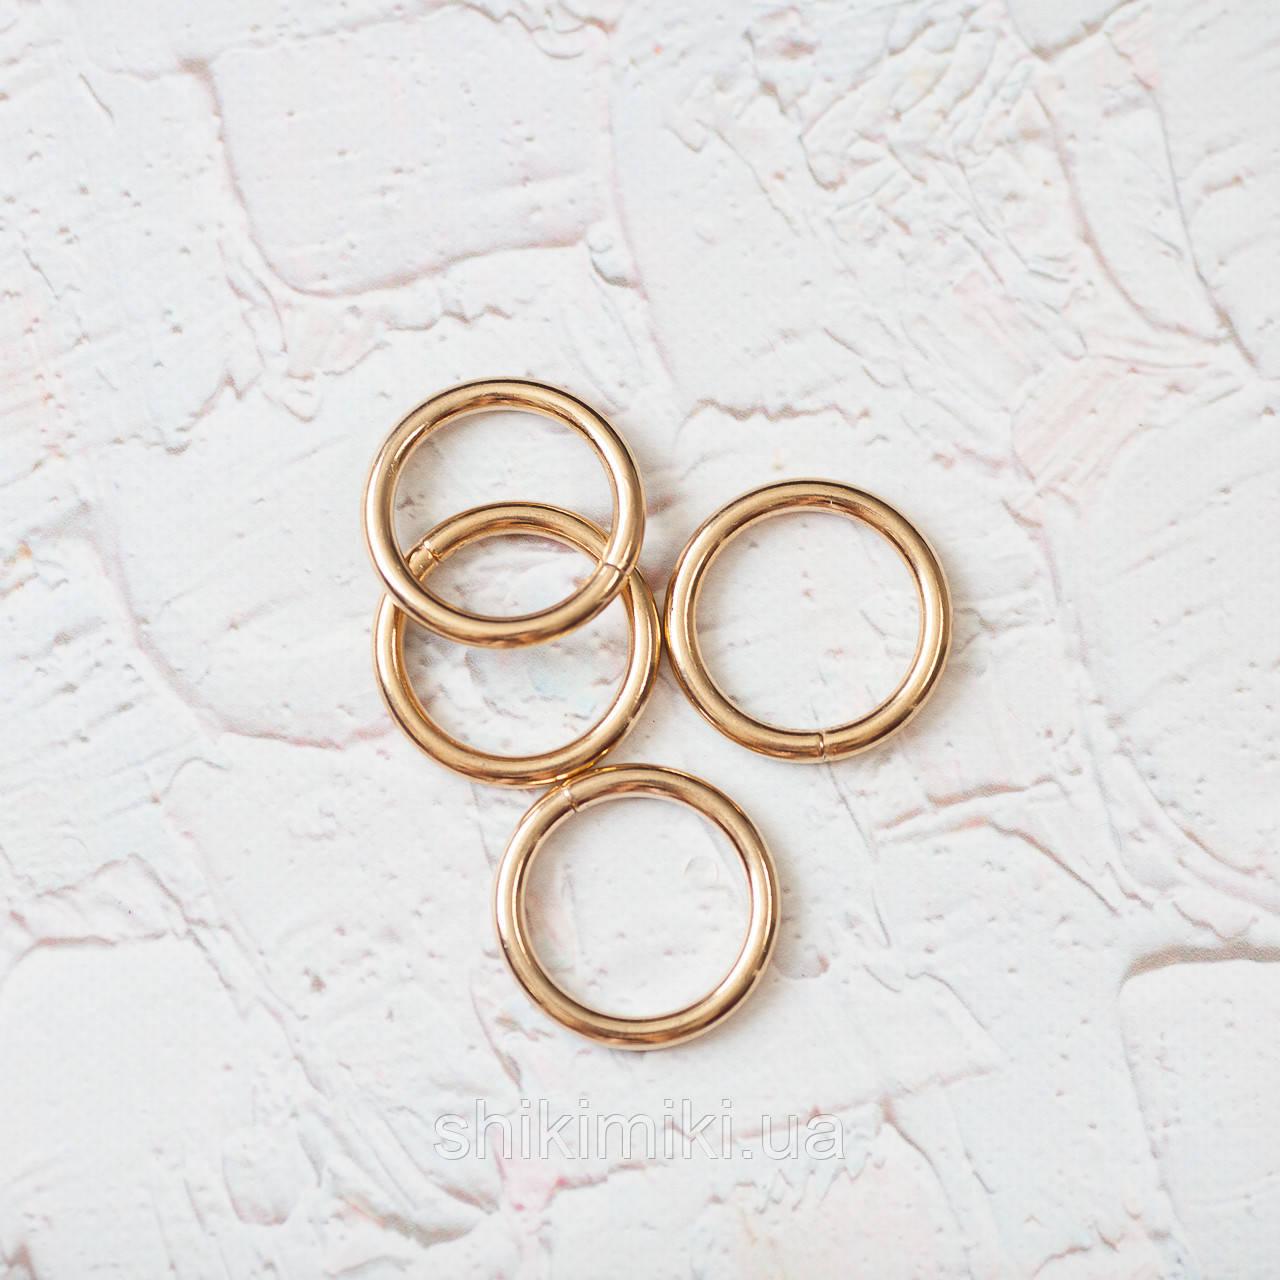 Кольца соединительные KL31-3 (31 мм), цвет золото